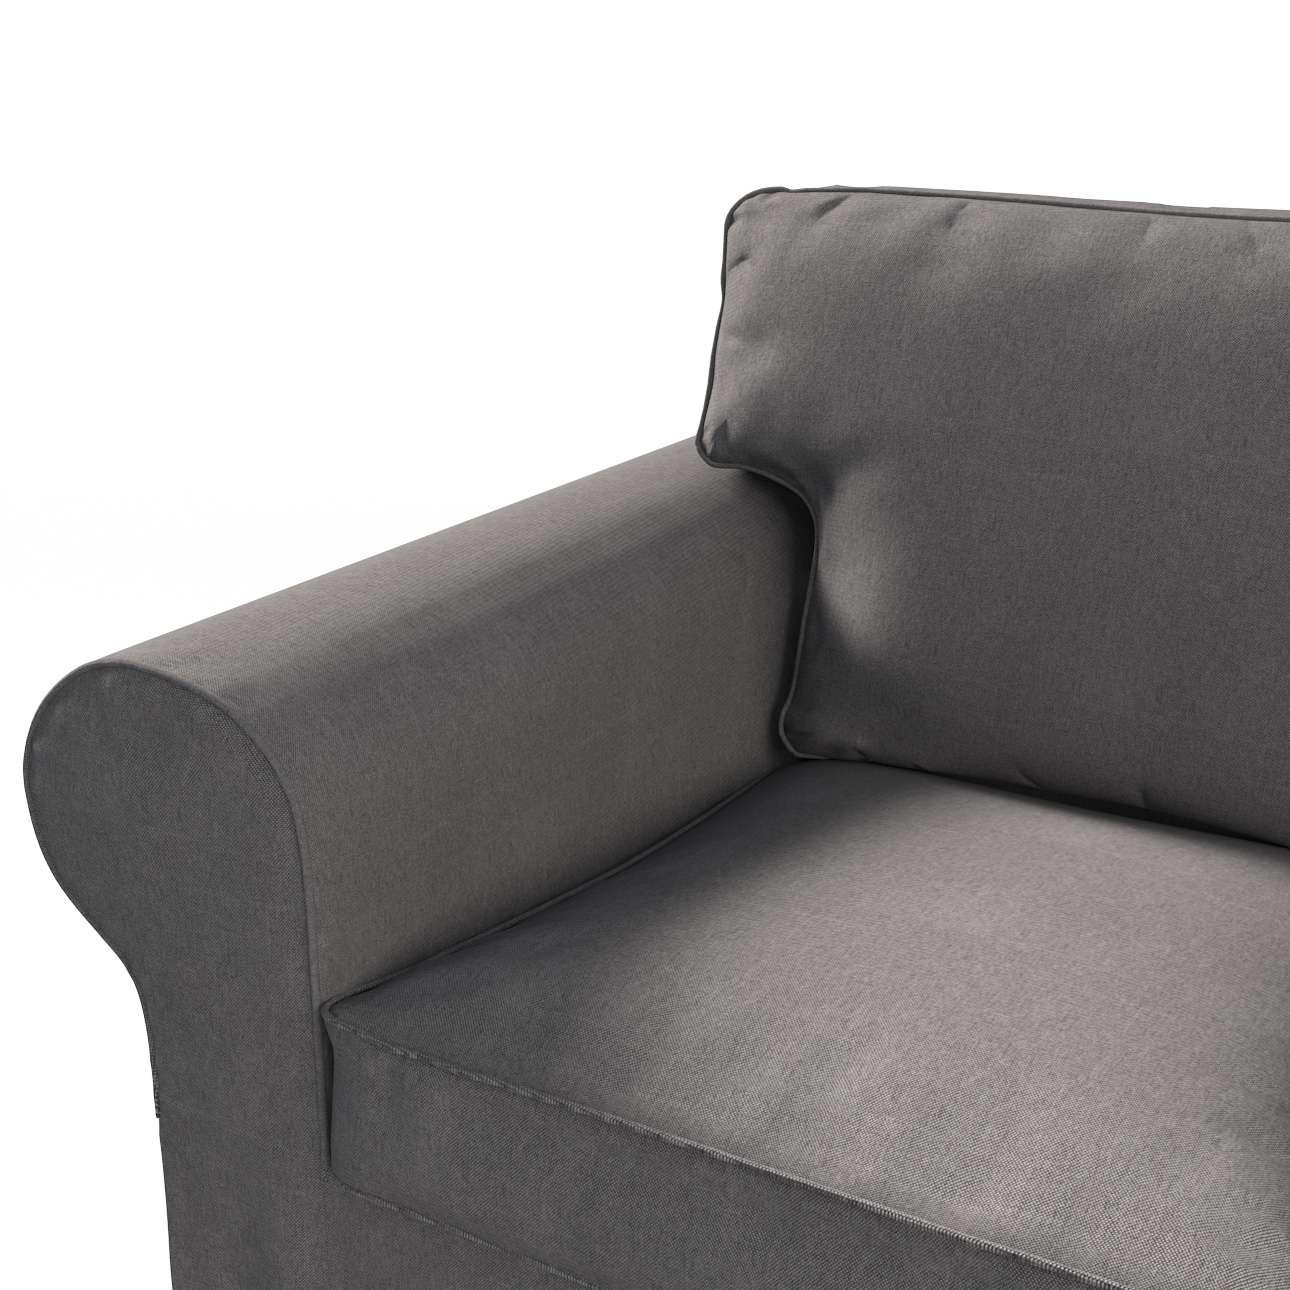 Pokrowiec na sofę Ektorp 3-osobową, rozkładaną, PIXBO w kolekcji Etna, tkanina: 705-35